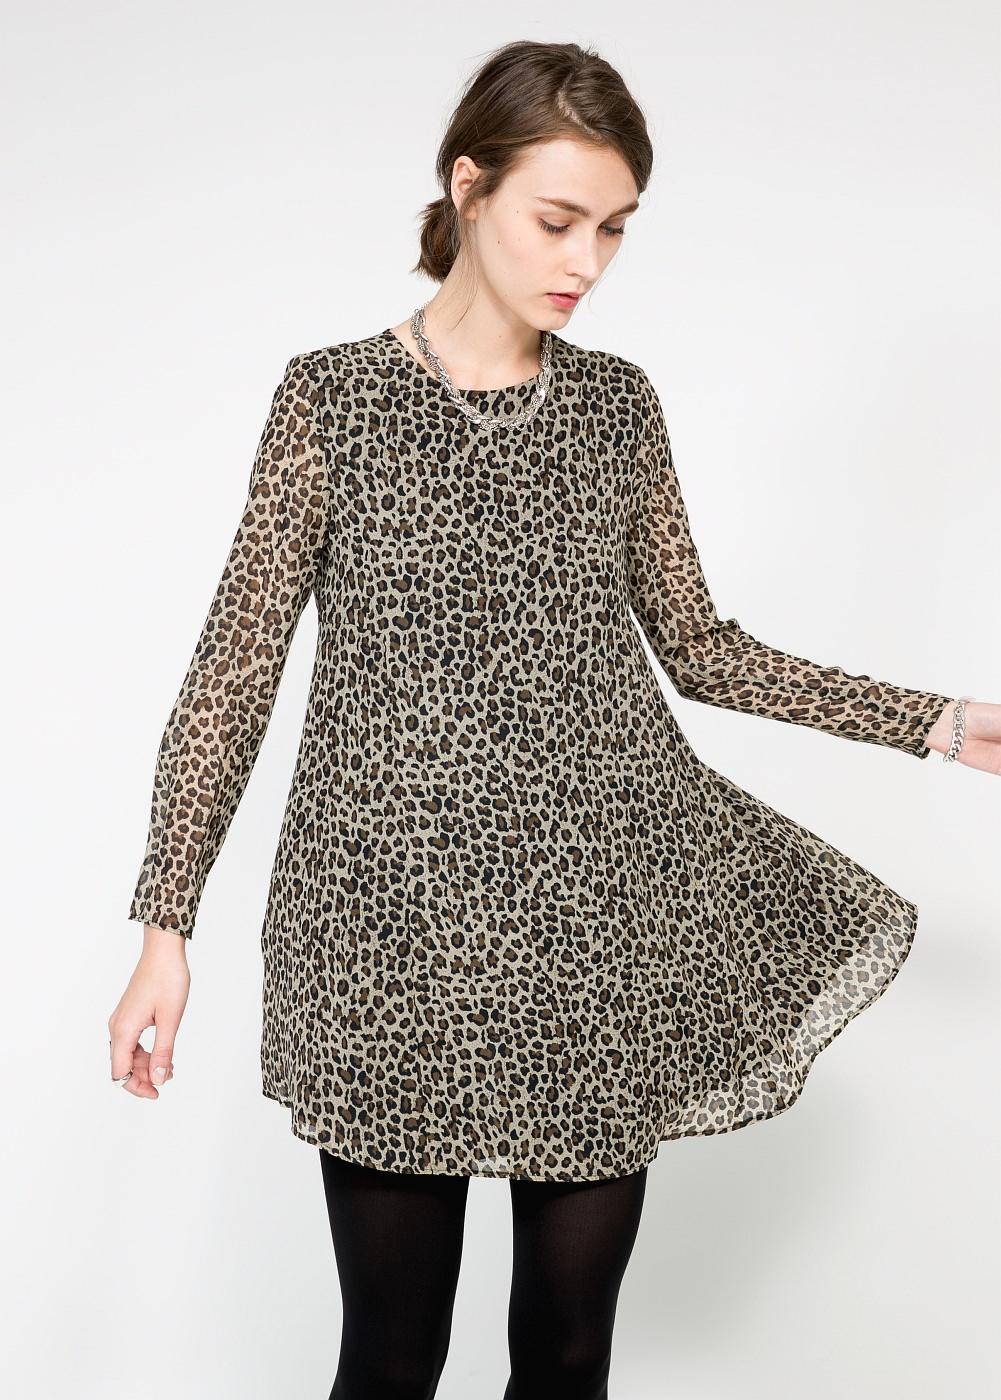 Mango Leopard Print Dress | Leopard Print Fall 2014